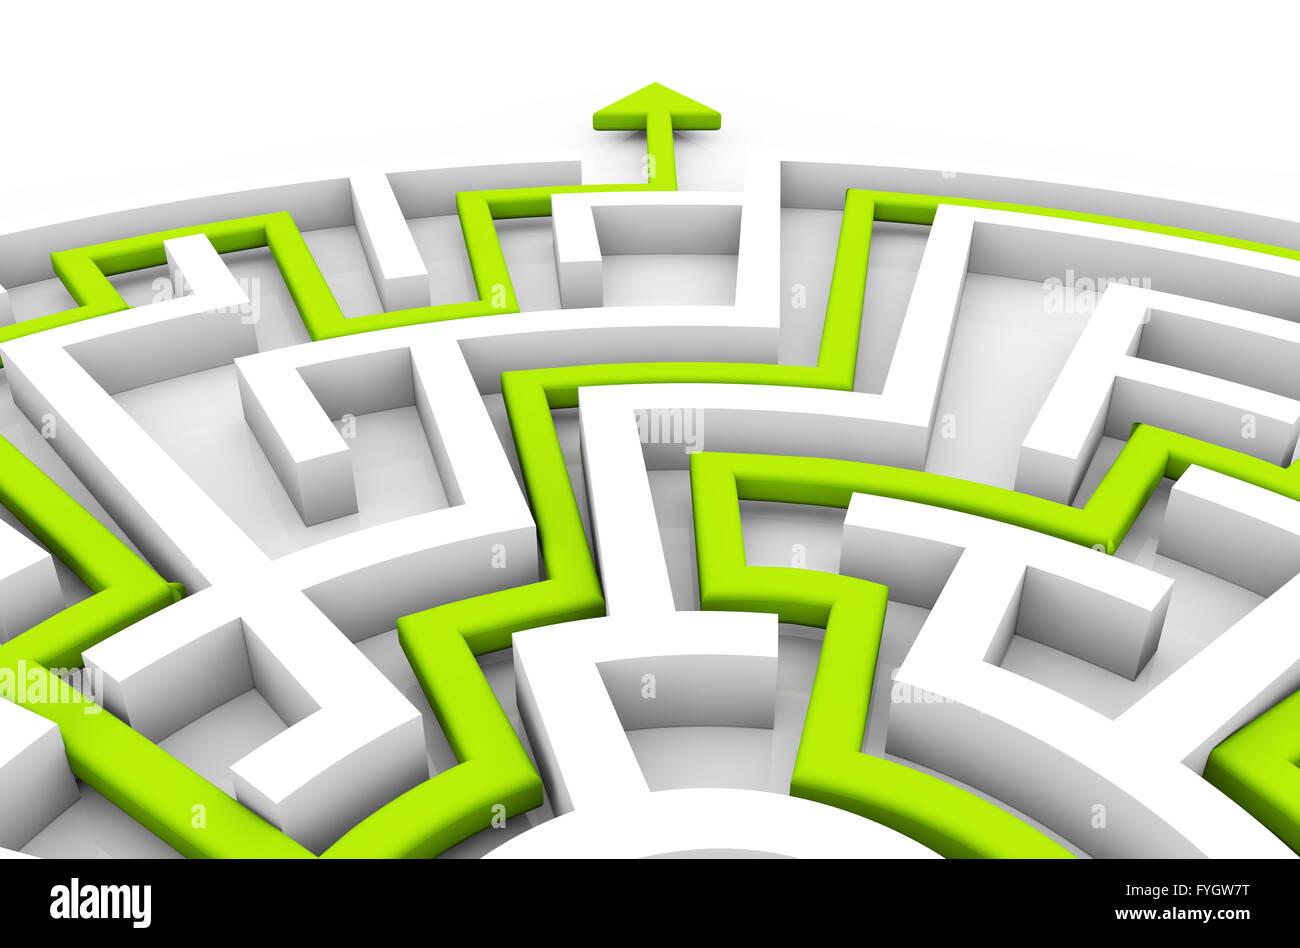 Concetto di successo: freccia verde che mostra il percorso di un labirinto exit Immagini Stock